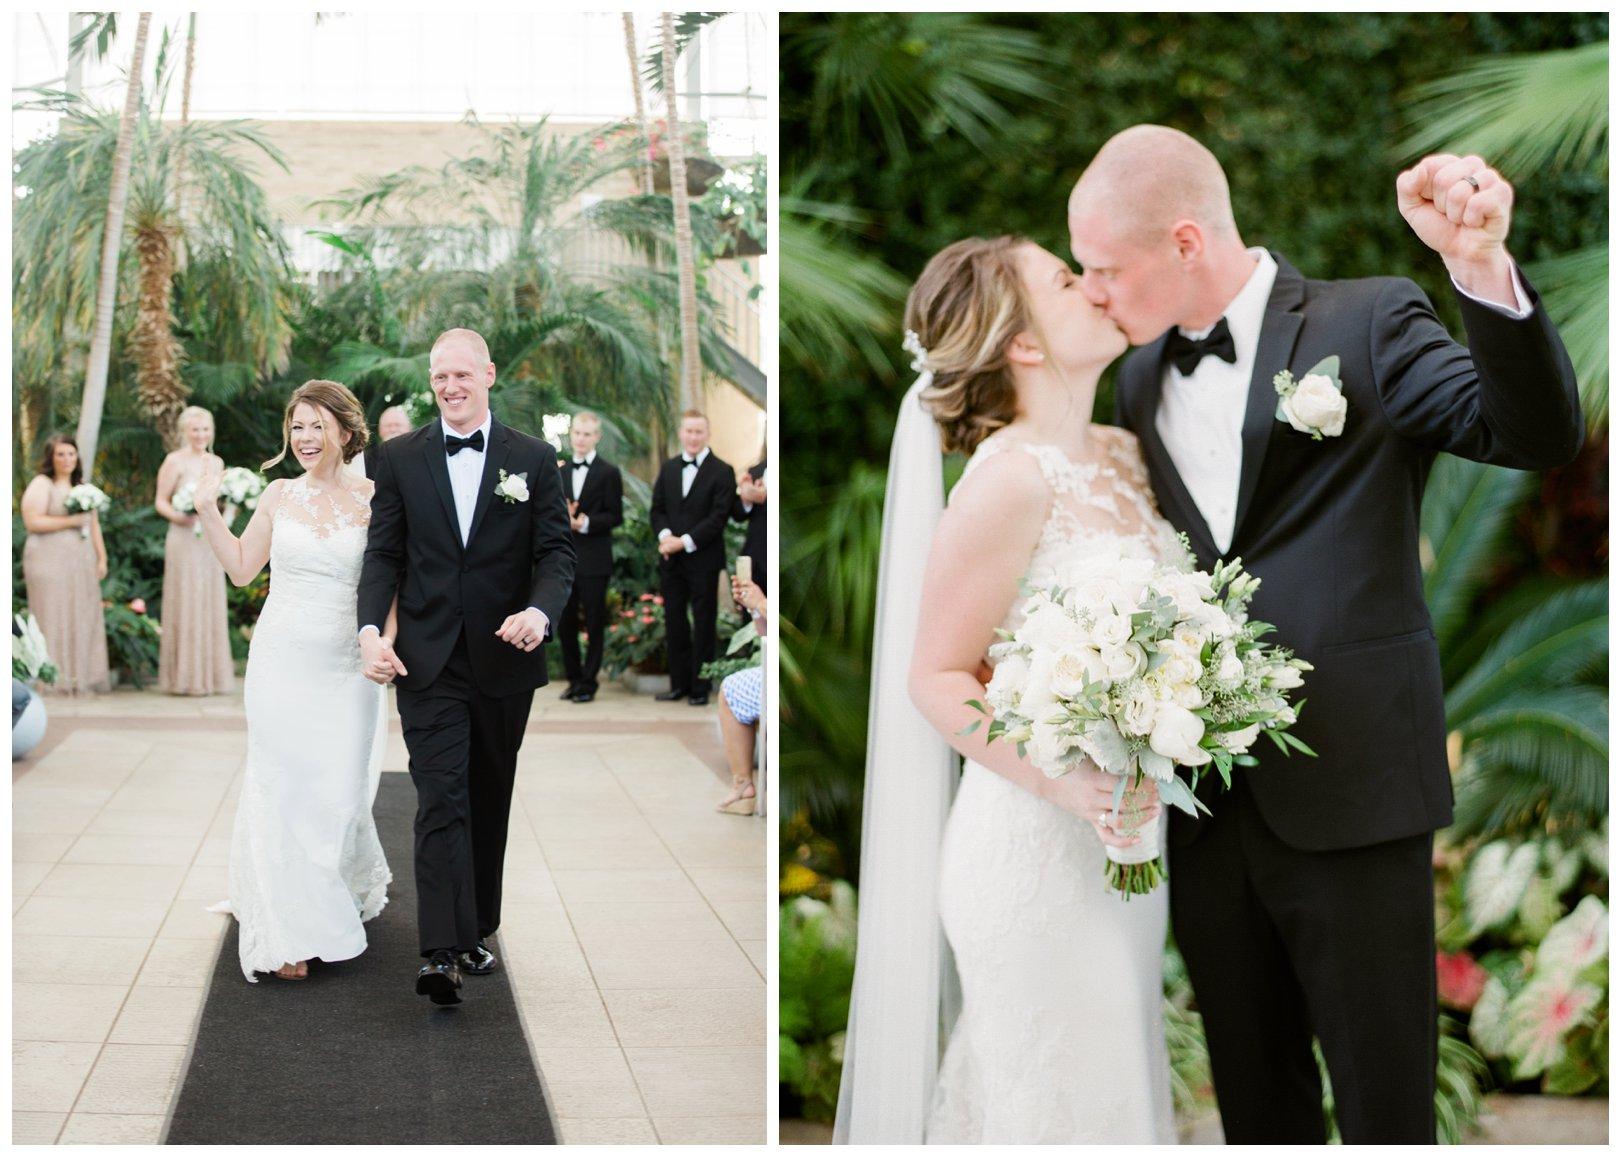 lauren muckler photography_fine art film wedding photography_st louis_photography_1306.jpg